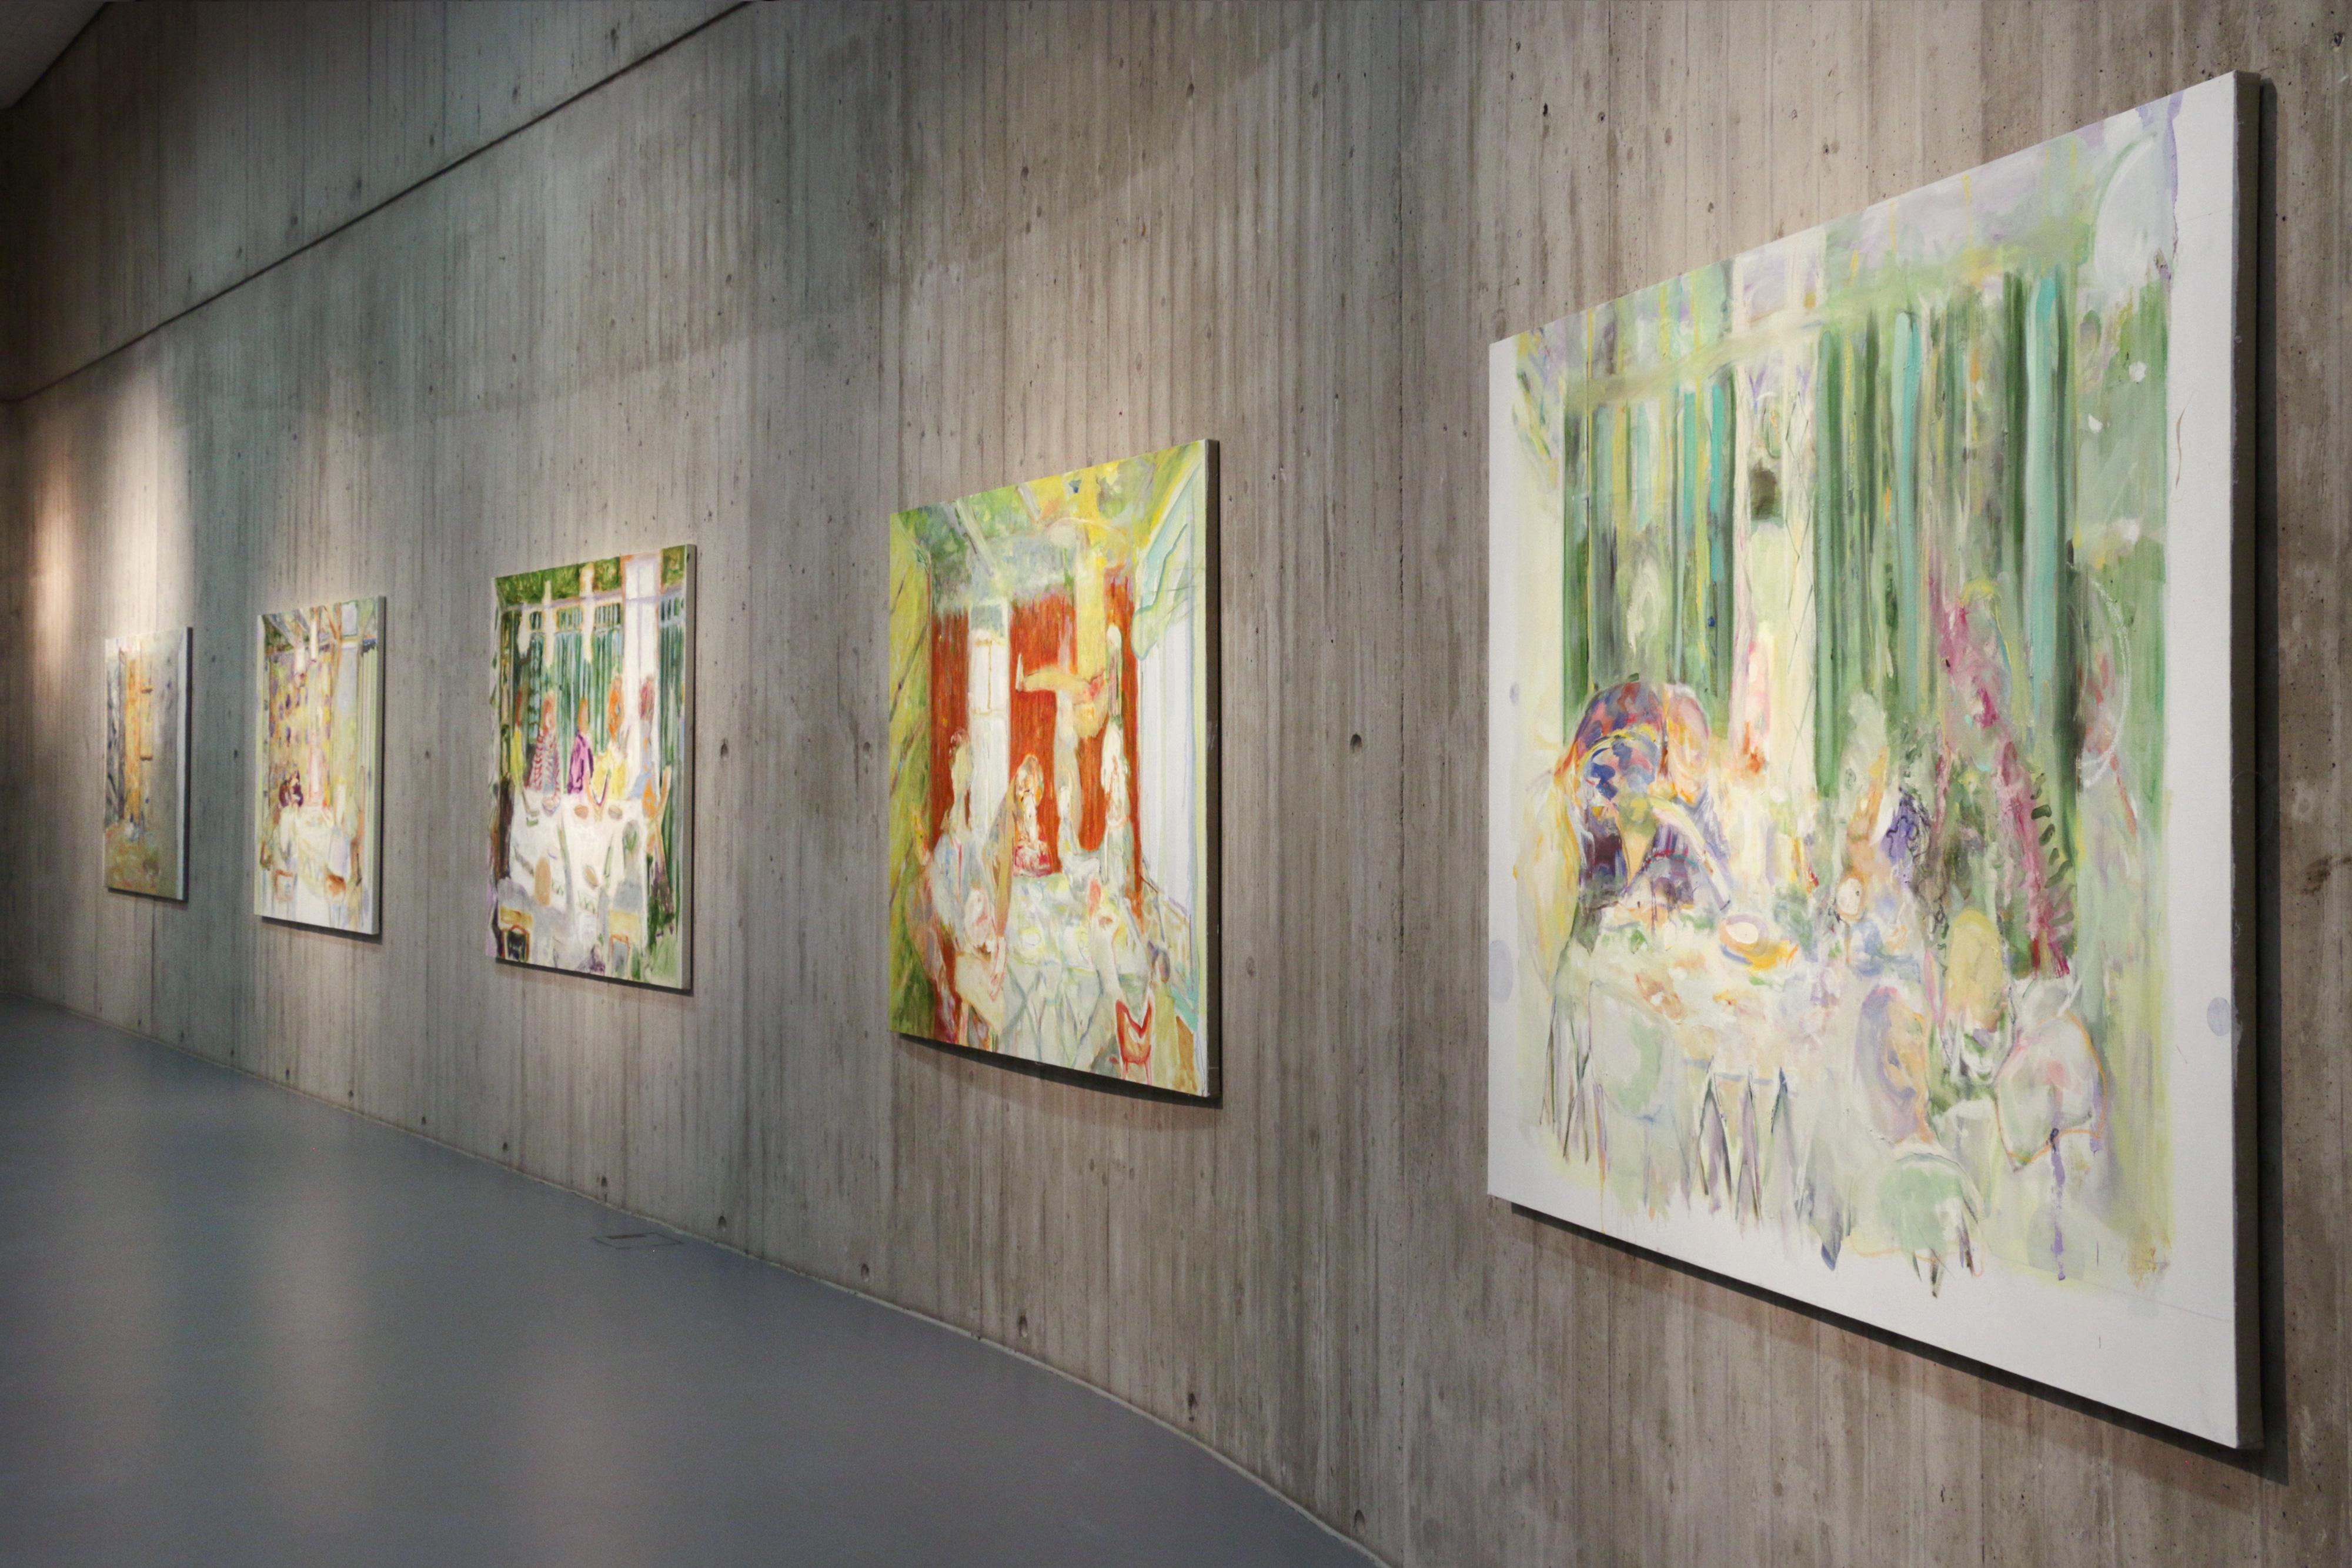 Galerie Barbara Thumm \ Valérie Favre – Le désir d´éternité, un arrangement, 2018 – Neue Galerie Gladbeck, Germany